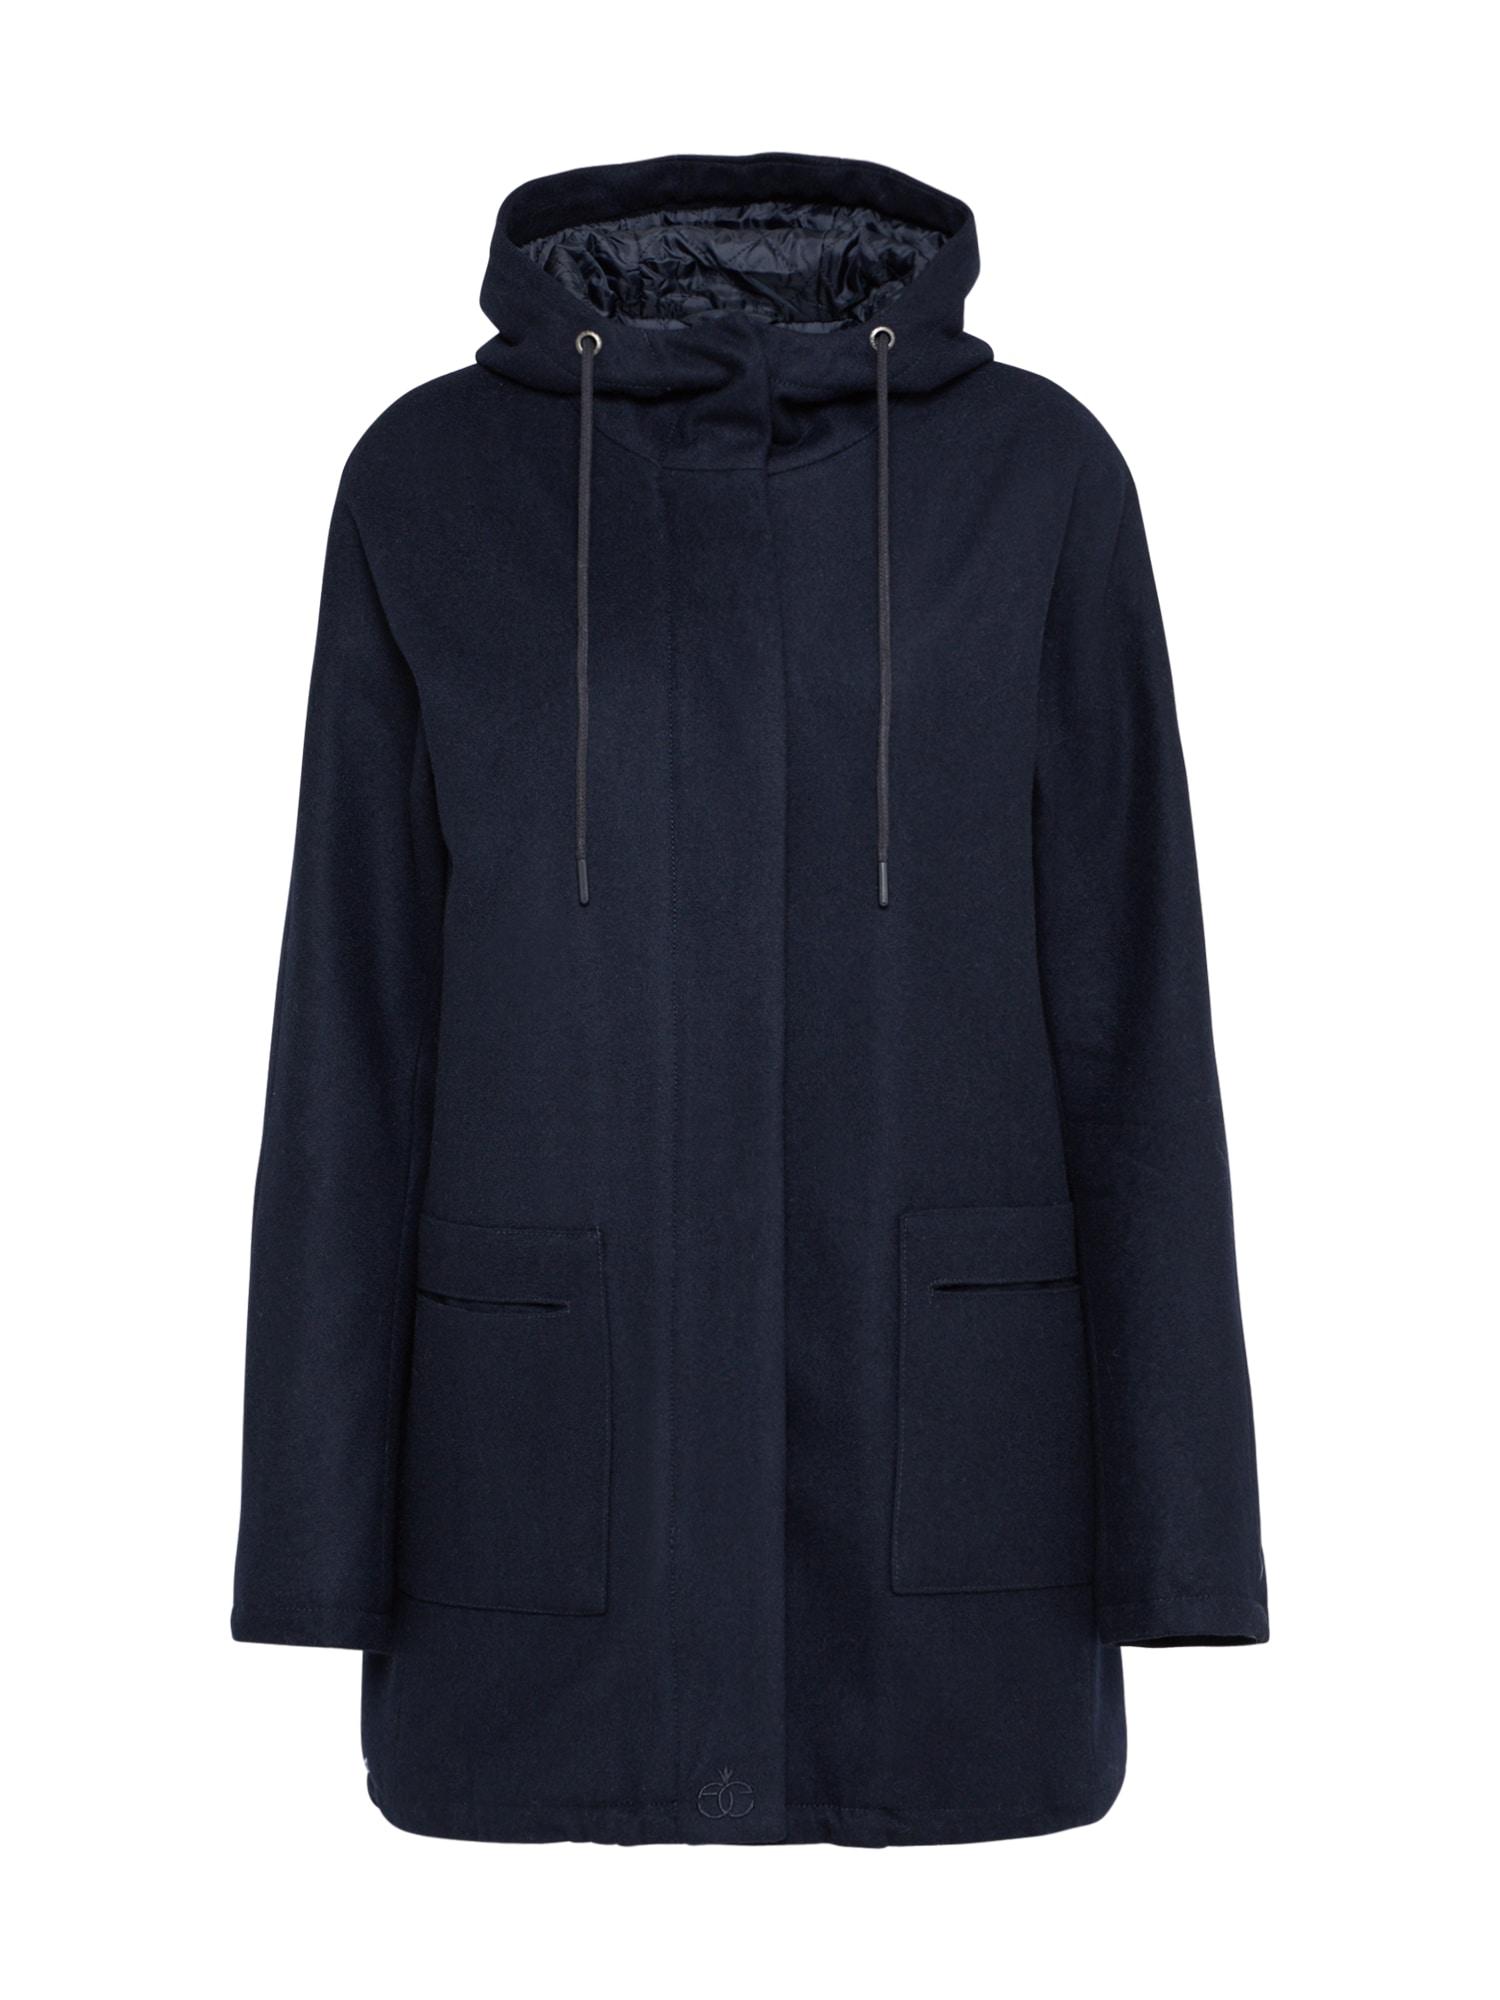 Zimní kabát Council námořnická modř Ezekiel